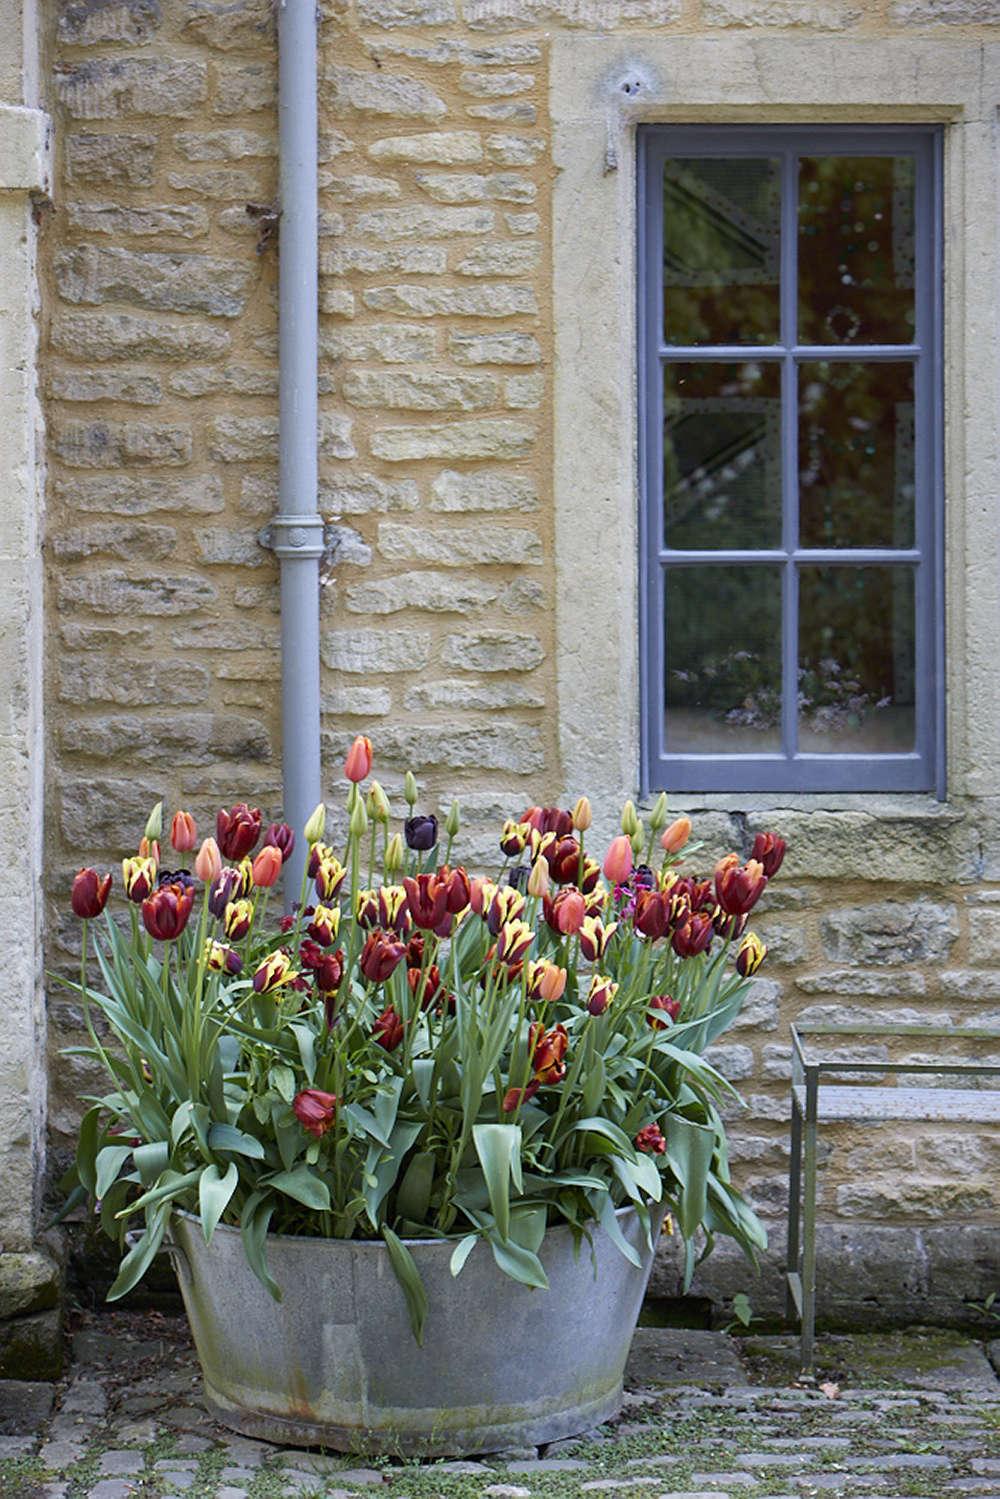 Tulips outside Bayntun Flowers in Wiltshire.